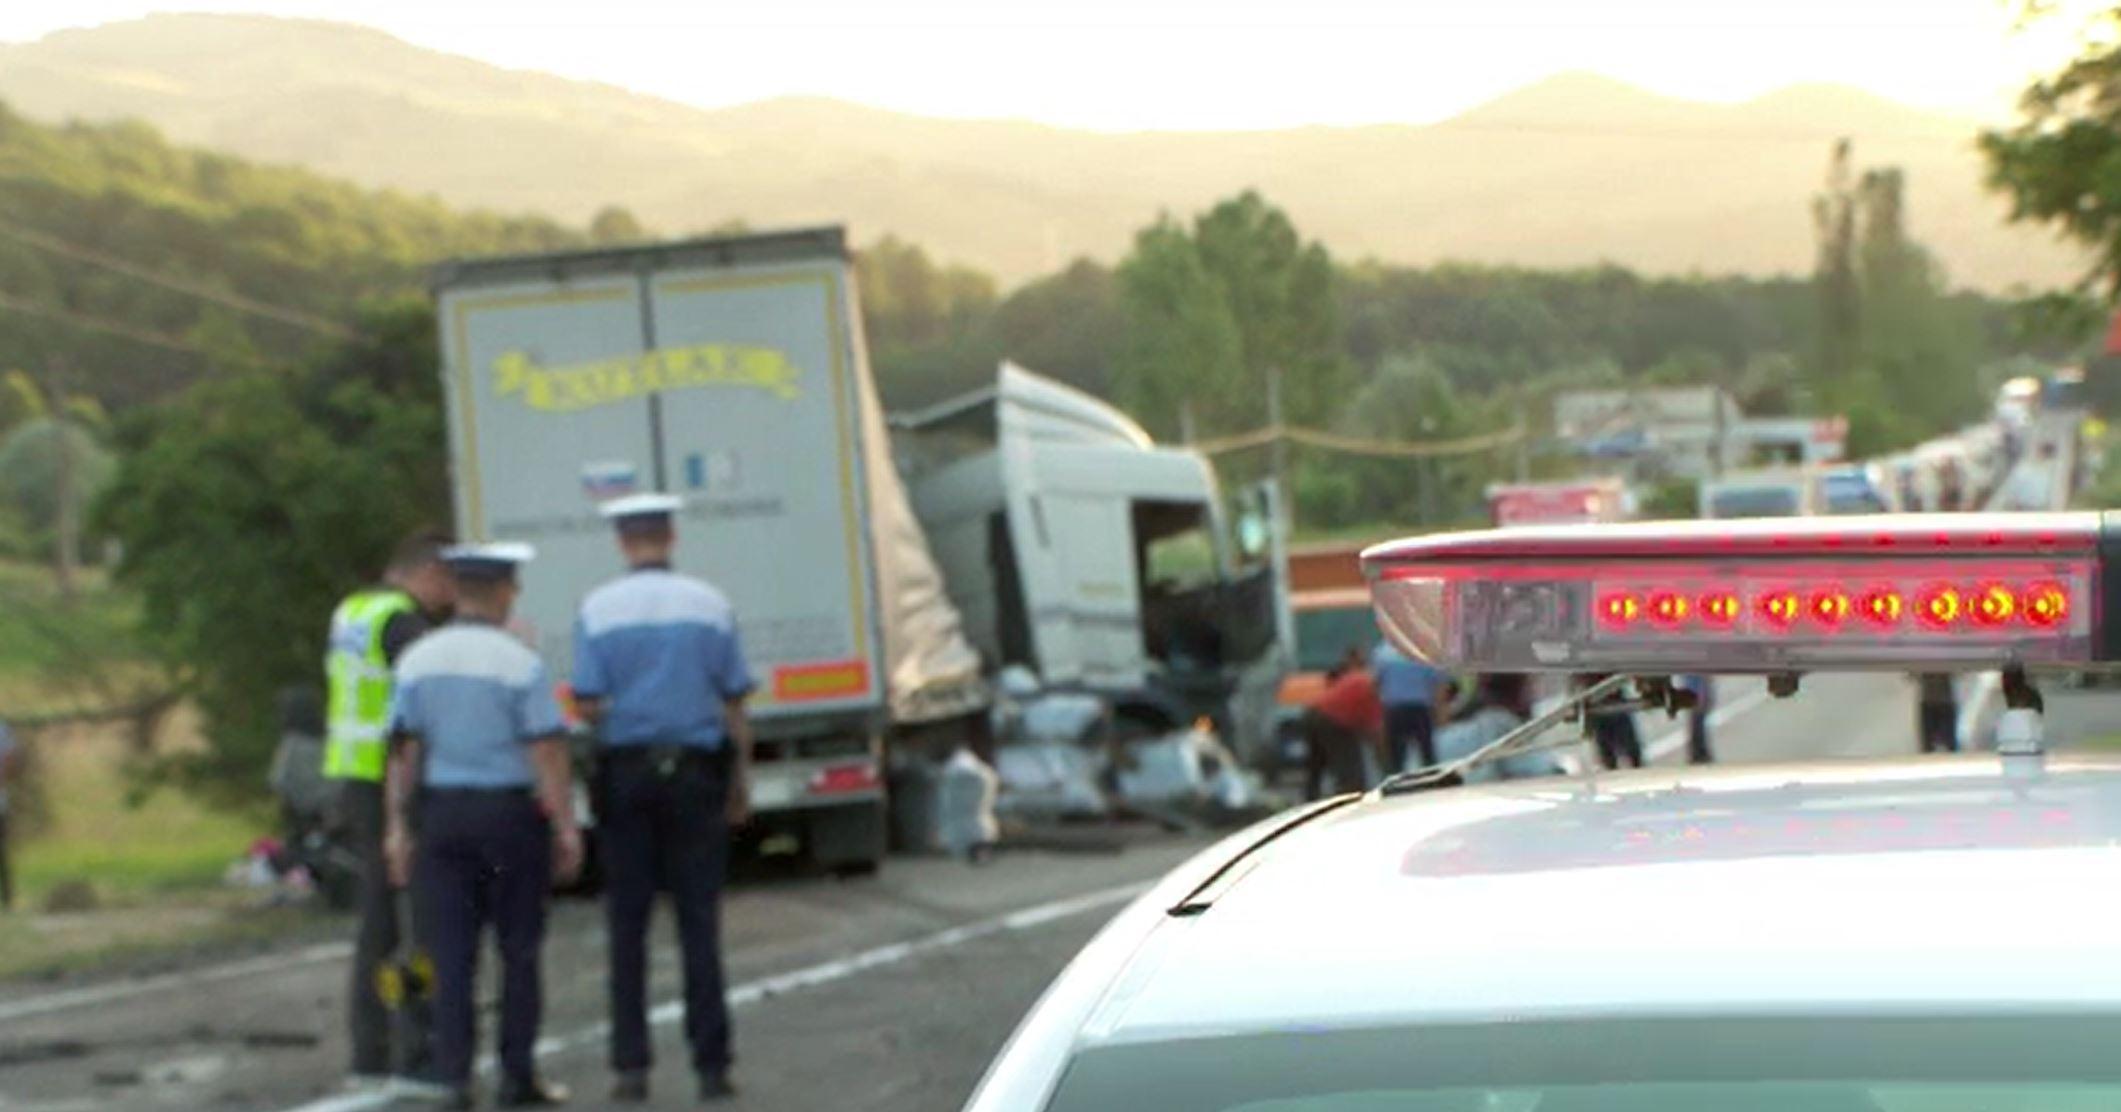 Cum s-a produs accidentul din Cluj care a dus la moartea a trei persoane. Un băiat de 10 ani a rămas fără familie